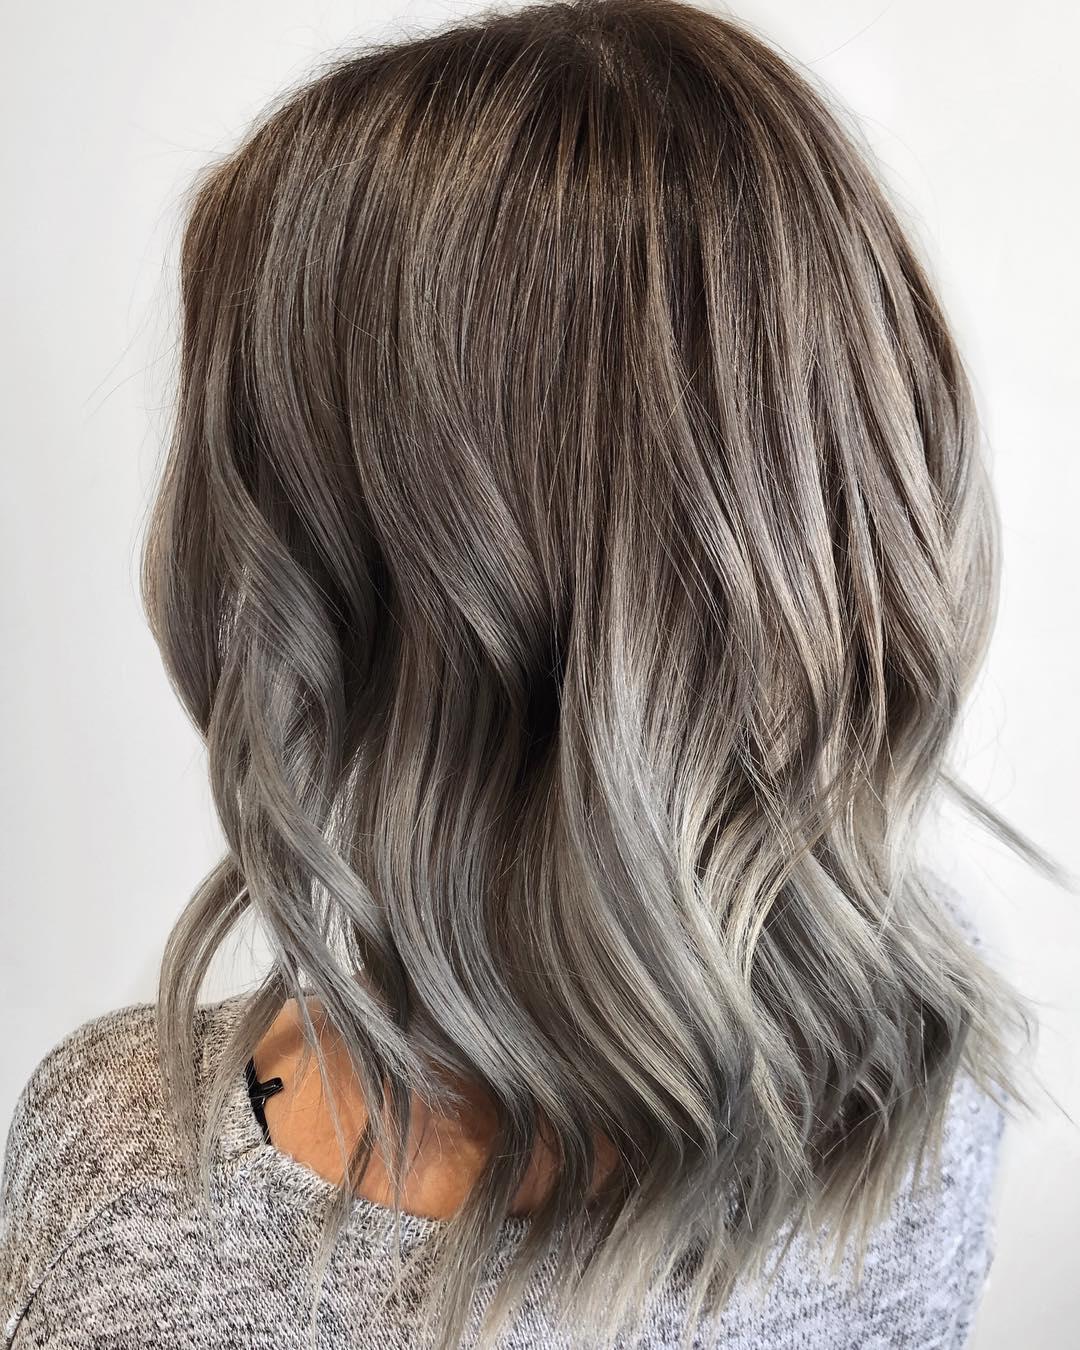 Light Brown Hair With Gray Balayage